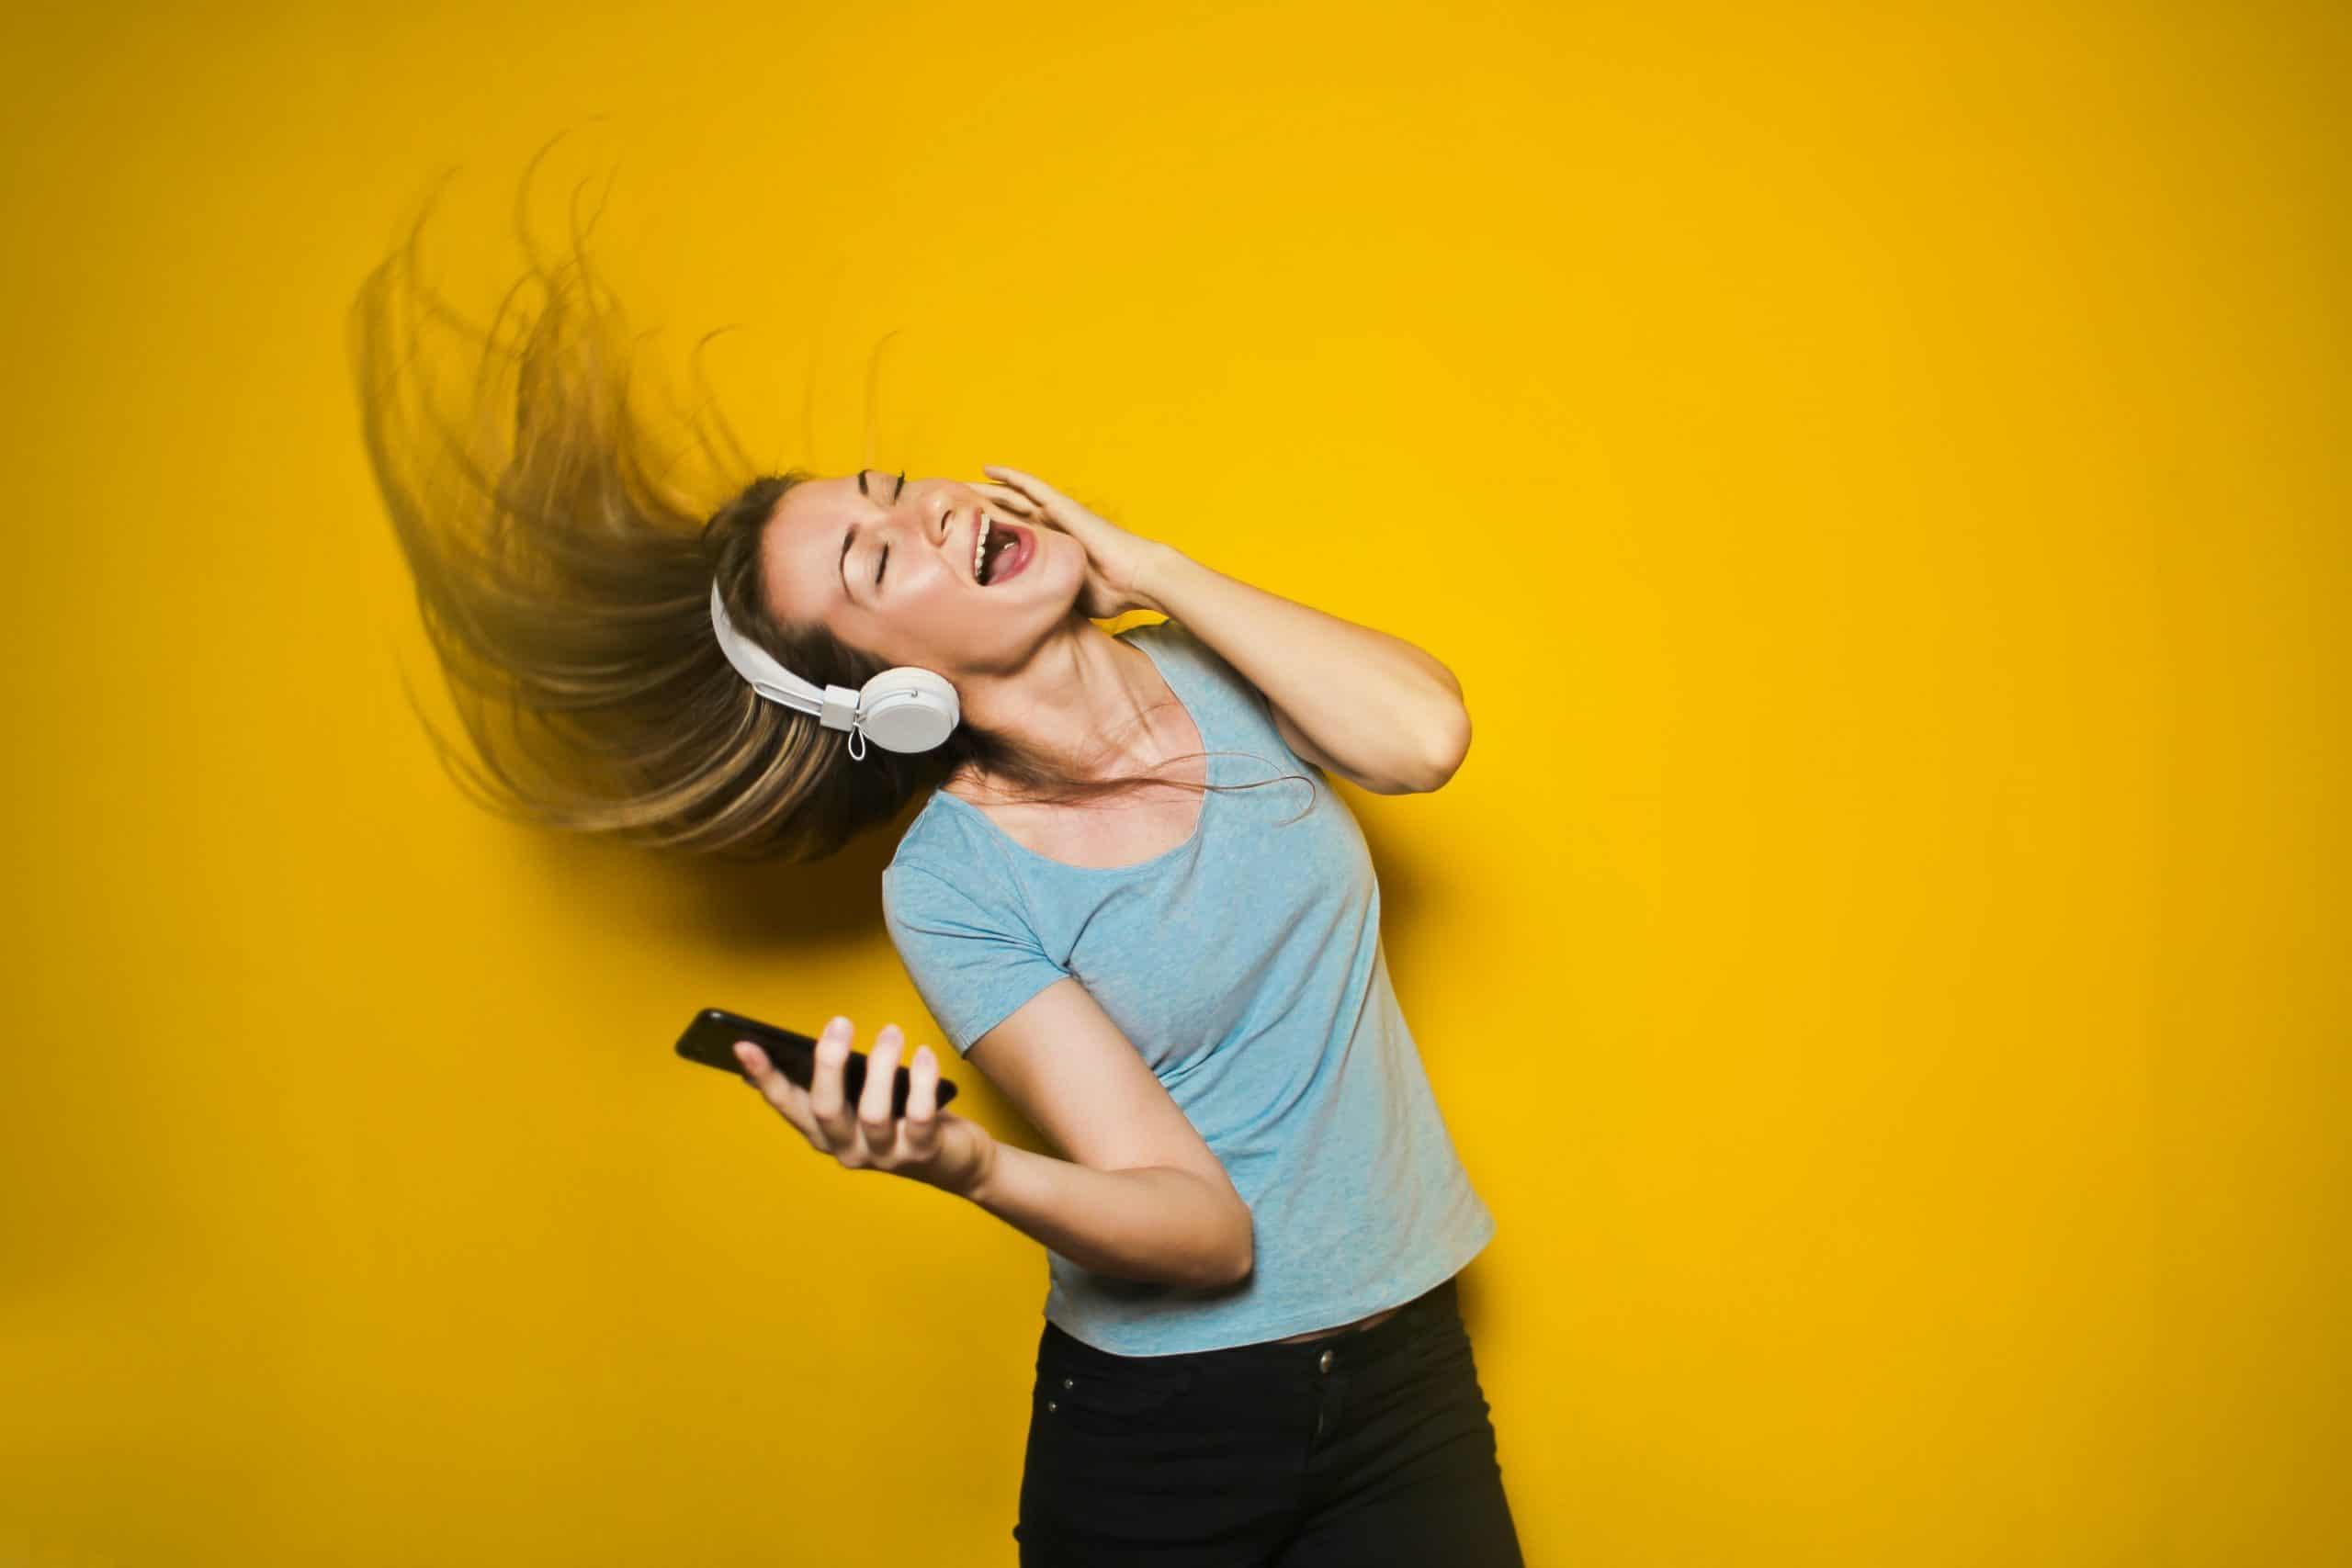 Mulher com celular na mão e fones de ouvidos jogando o cabelo com fundo amarelo